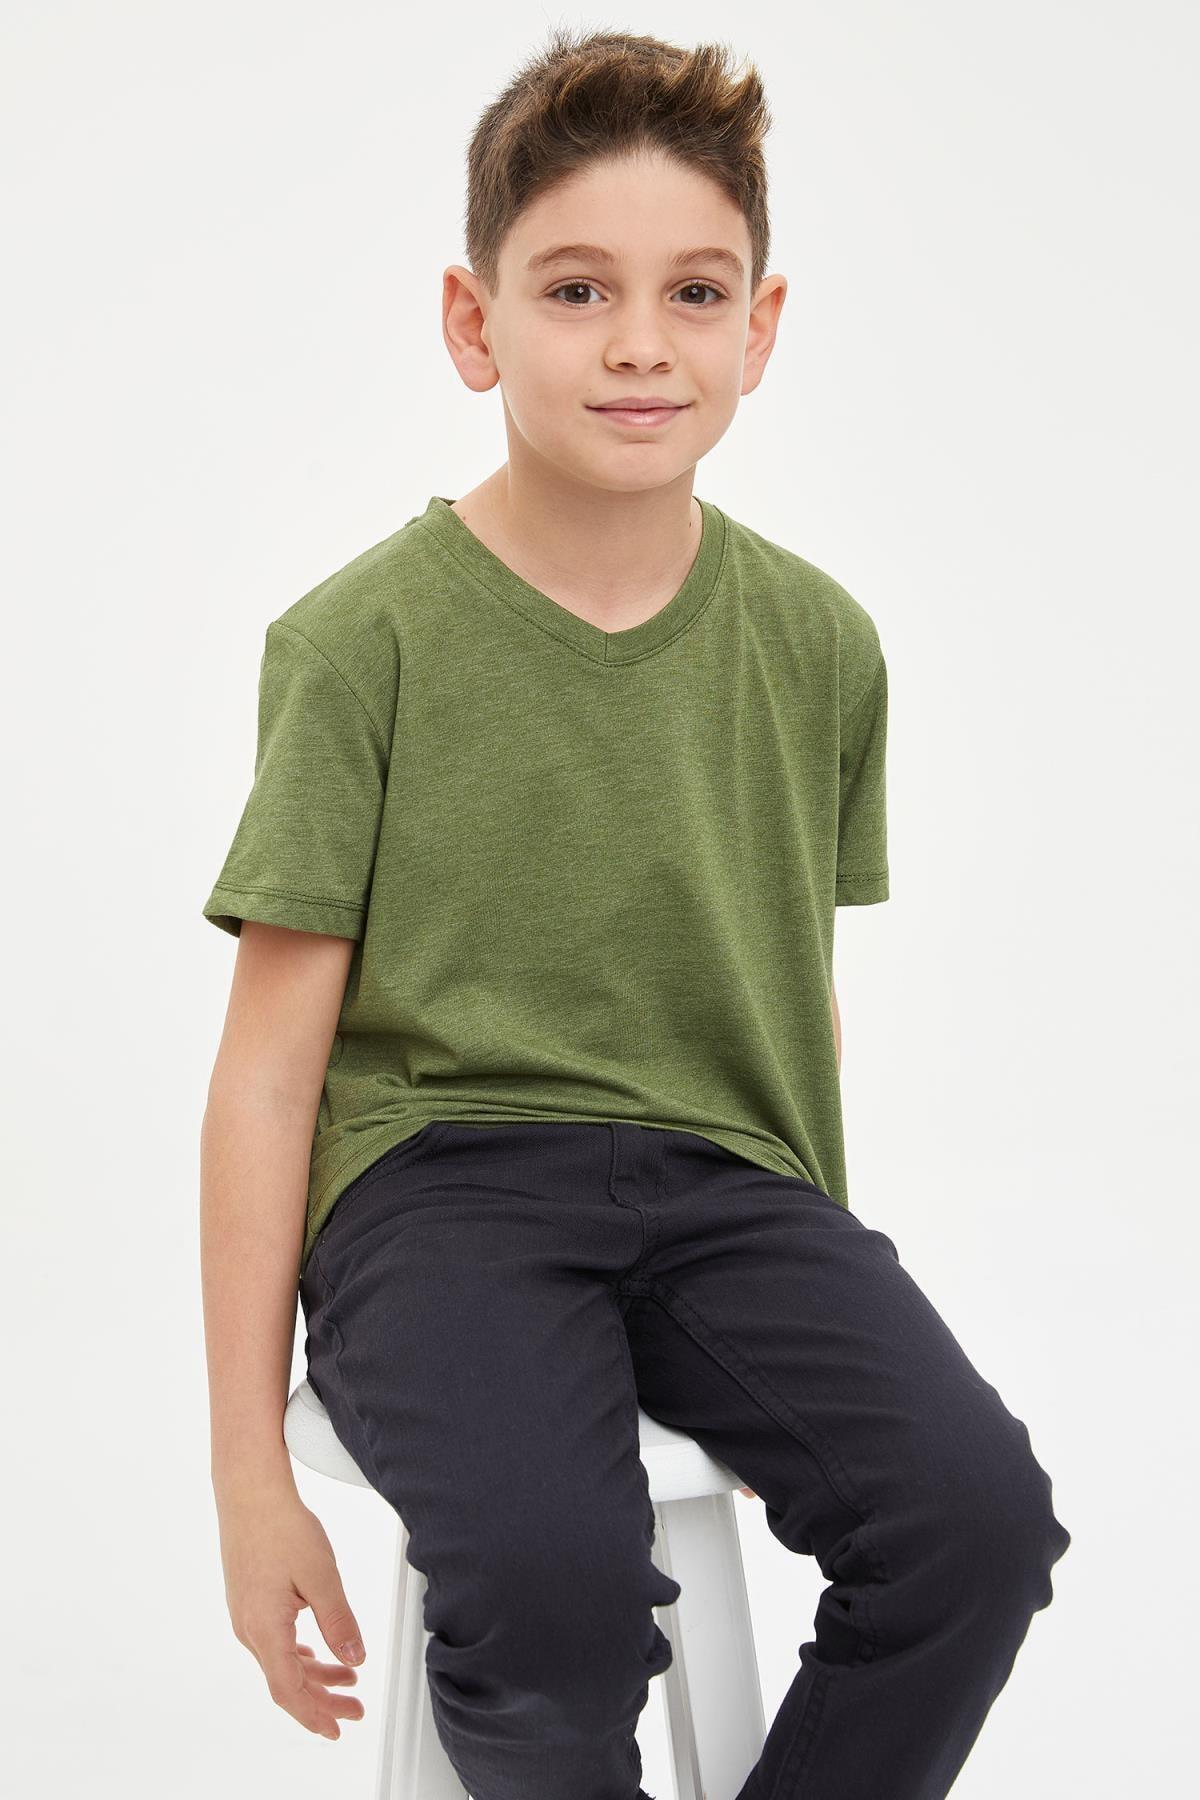 Erkek Çocuk V Yaka Cepsiz Tekli Kısa Kollu Kısa Kollu Tişört